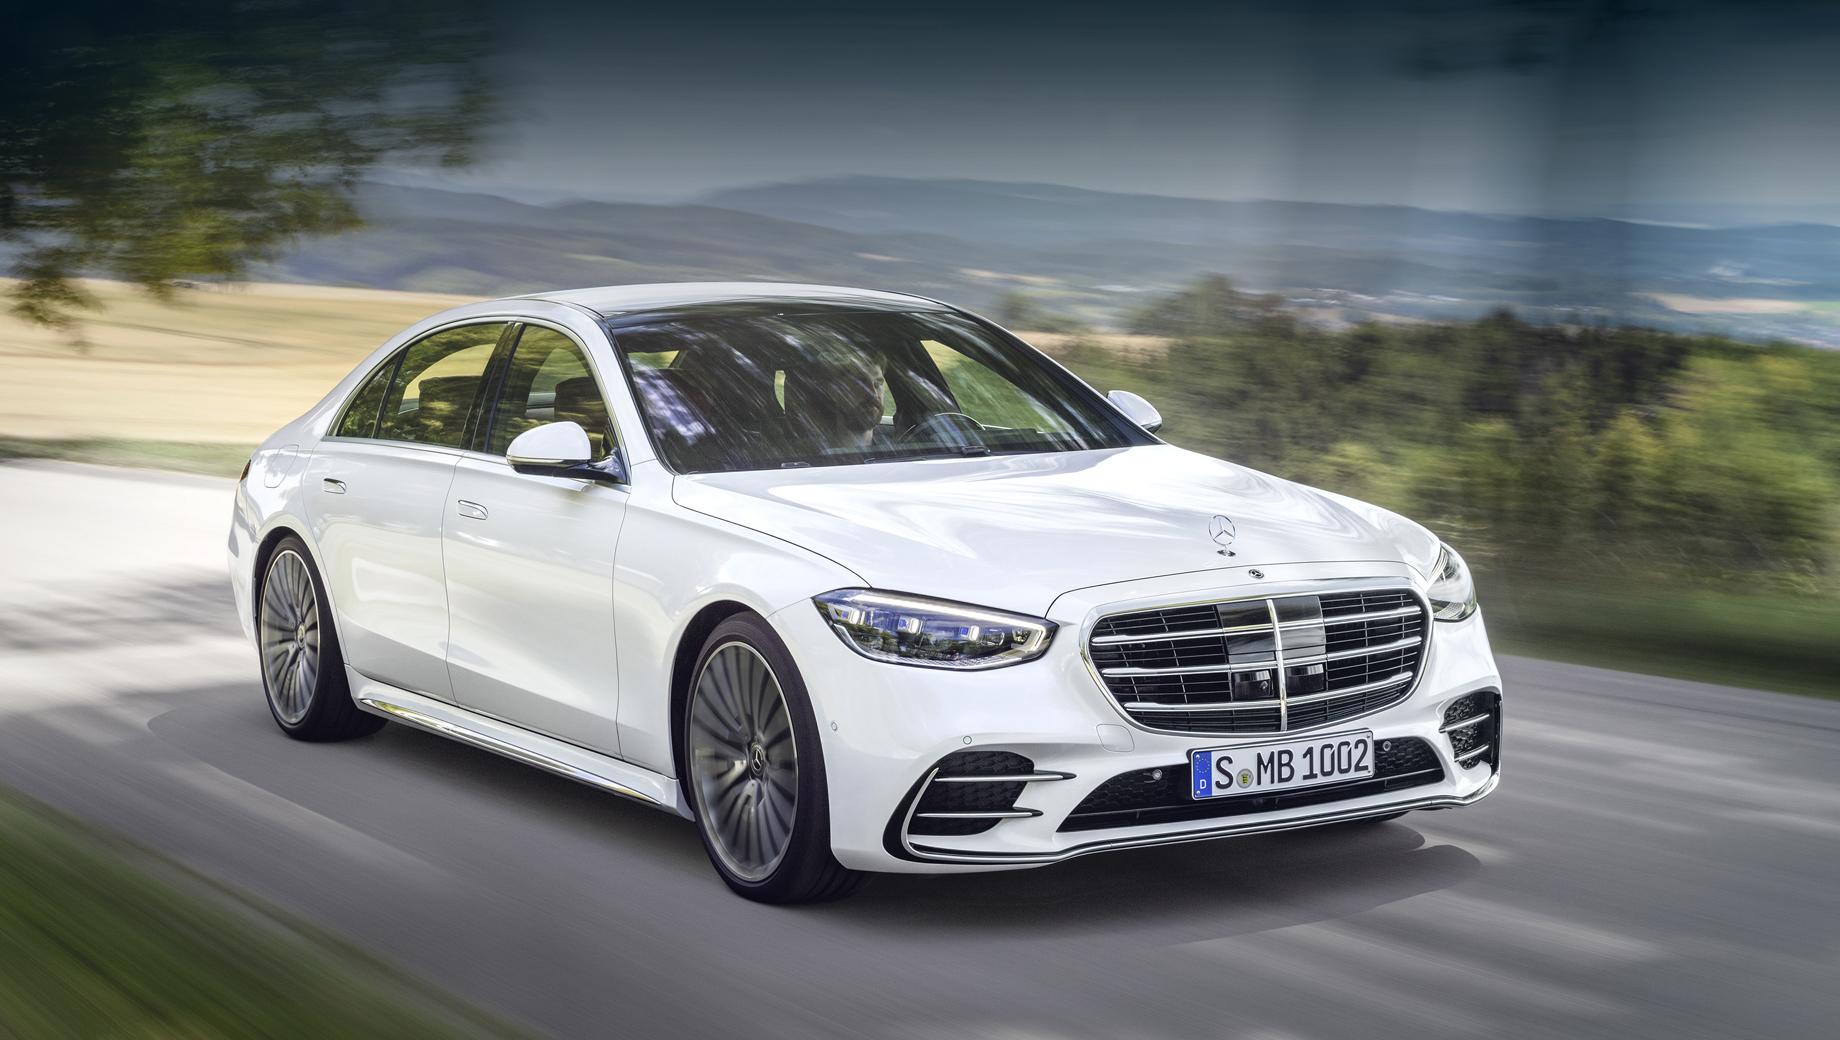 Mercedes-Benz раскрыла европейский прайс на S-Class W223. Флагман оказался ненамного дороже конкурентов: в Германии ценник на короткобазный заднеприводный S 350 d начинается от €94 500. Переплата за длинную базу составит до €3500. Поставки начнутся в конце 2020 года.